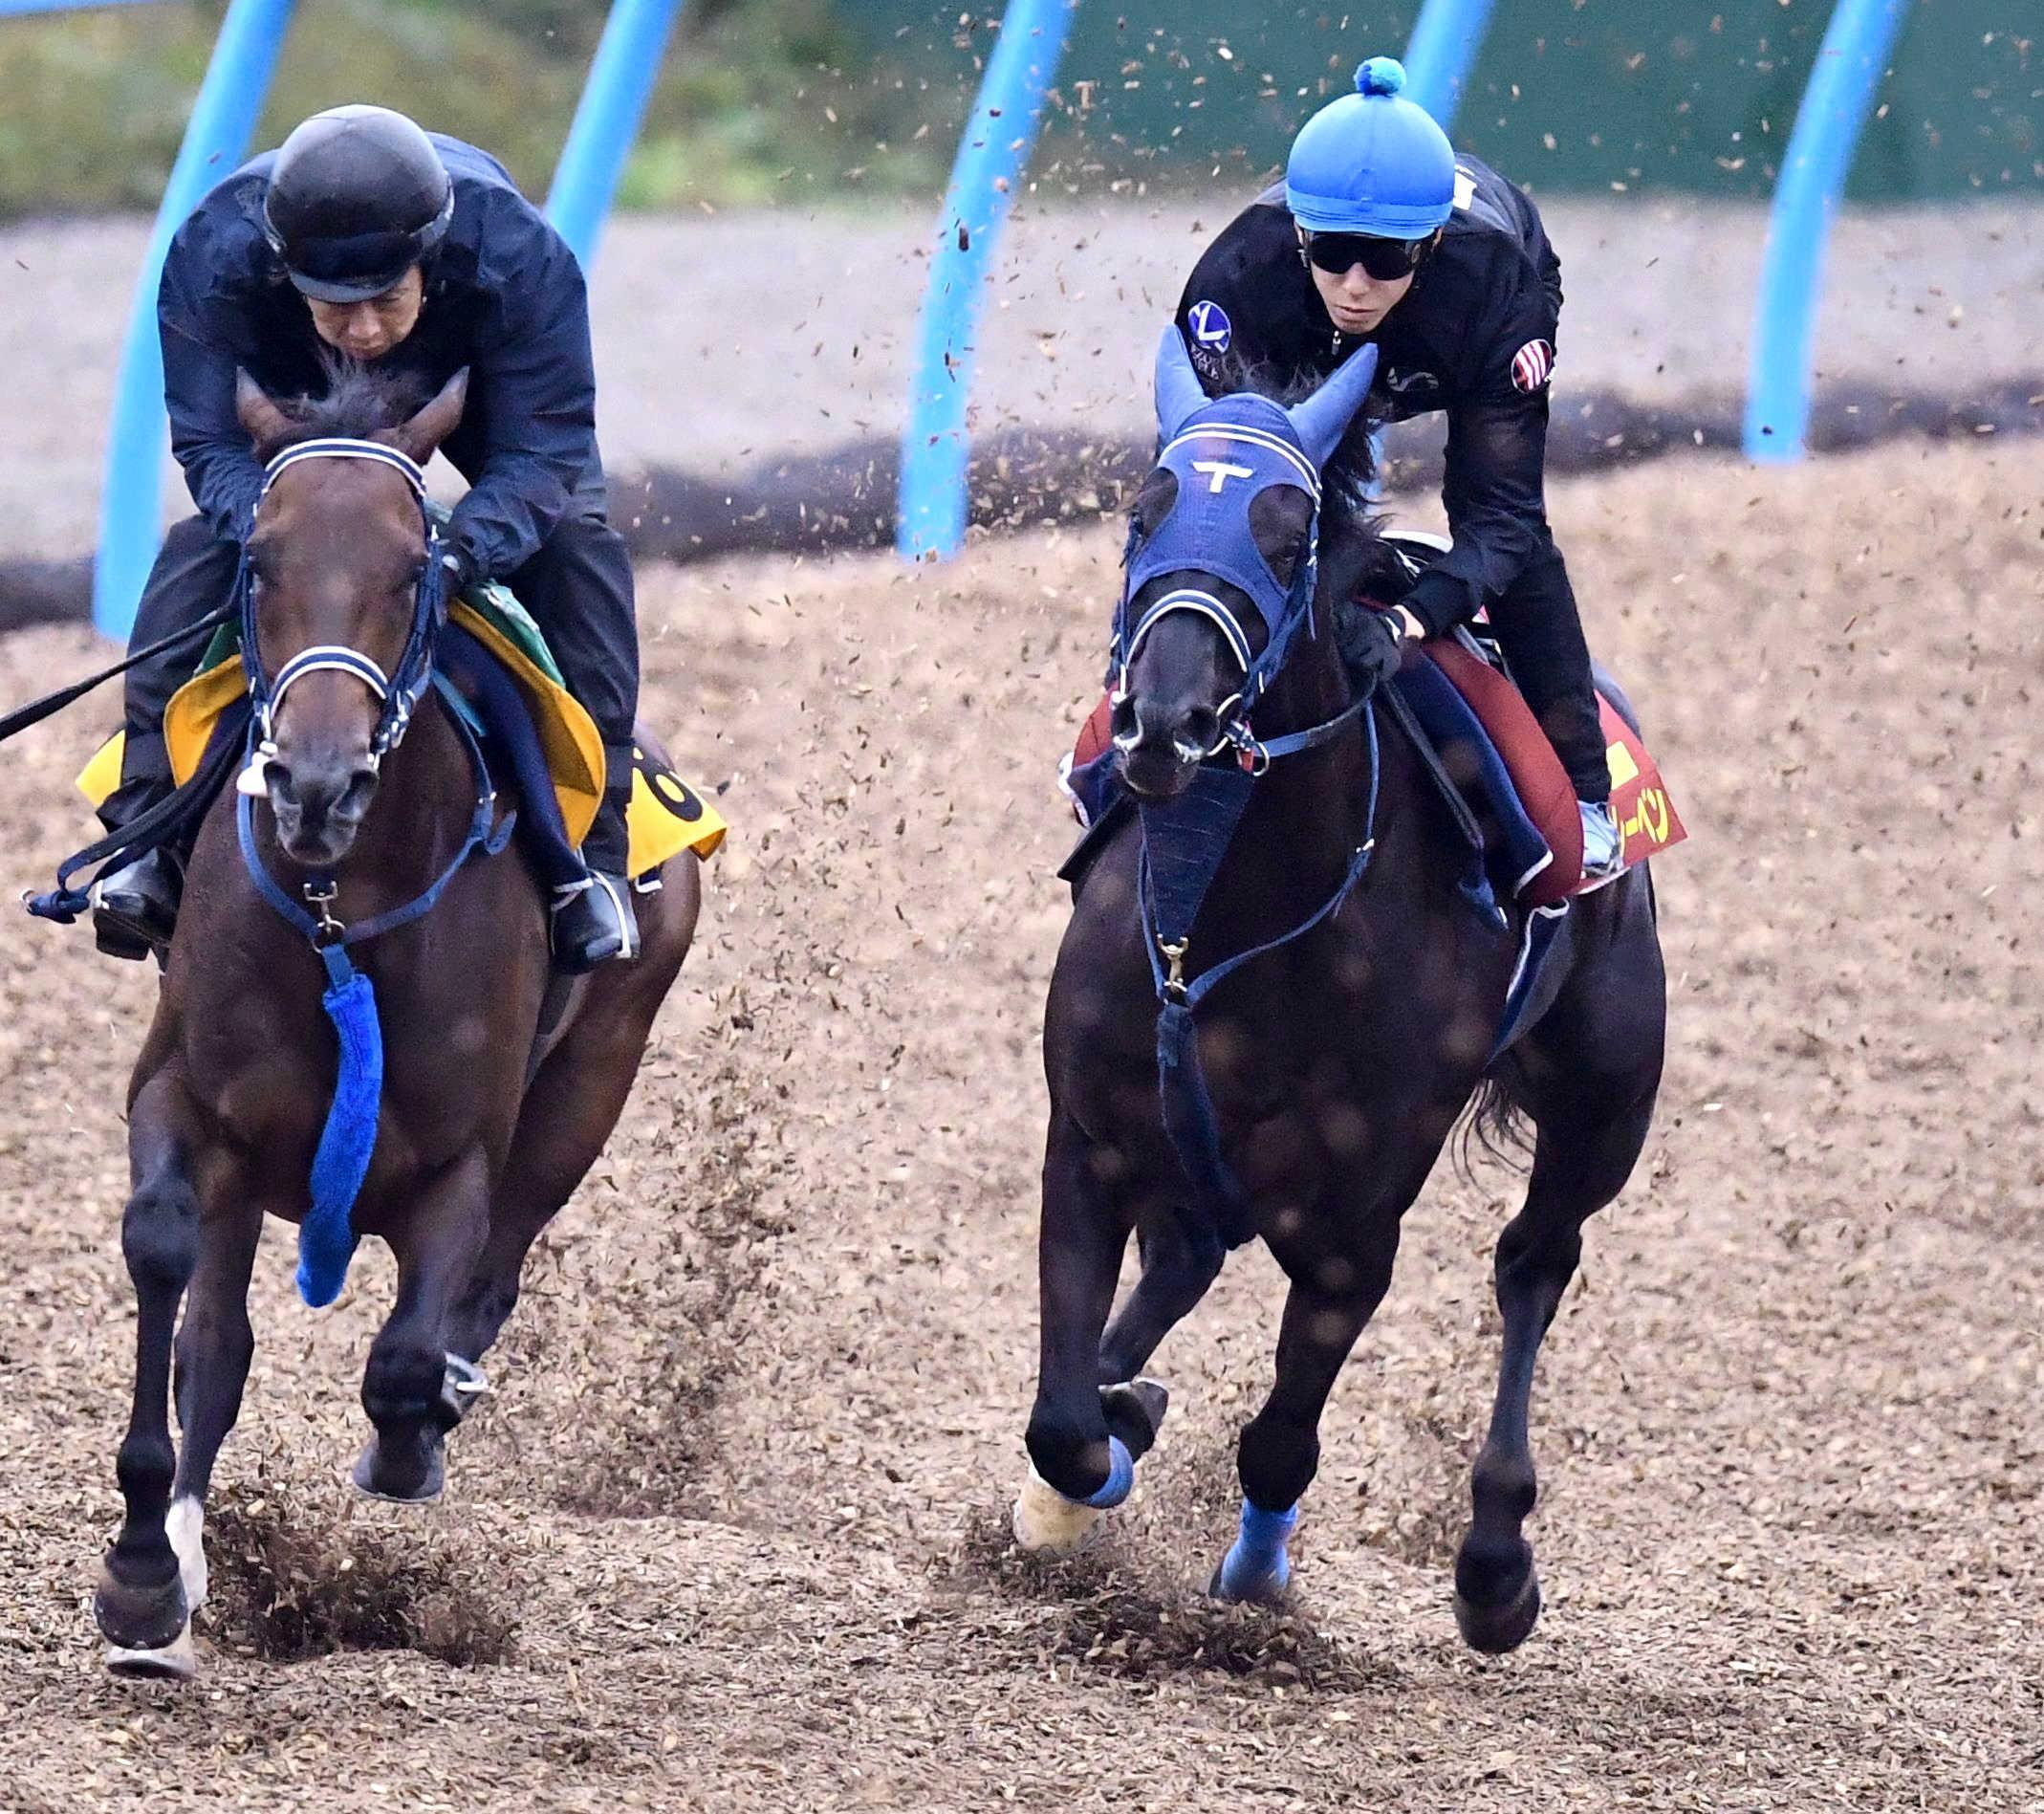 ユーバーレーベン(右)は美浦Wで力強い走りを見せた(撮影・園田高夫)